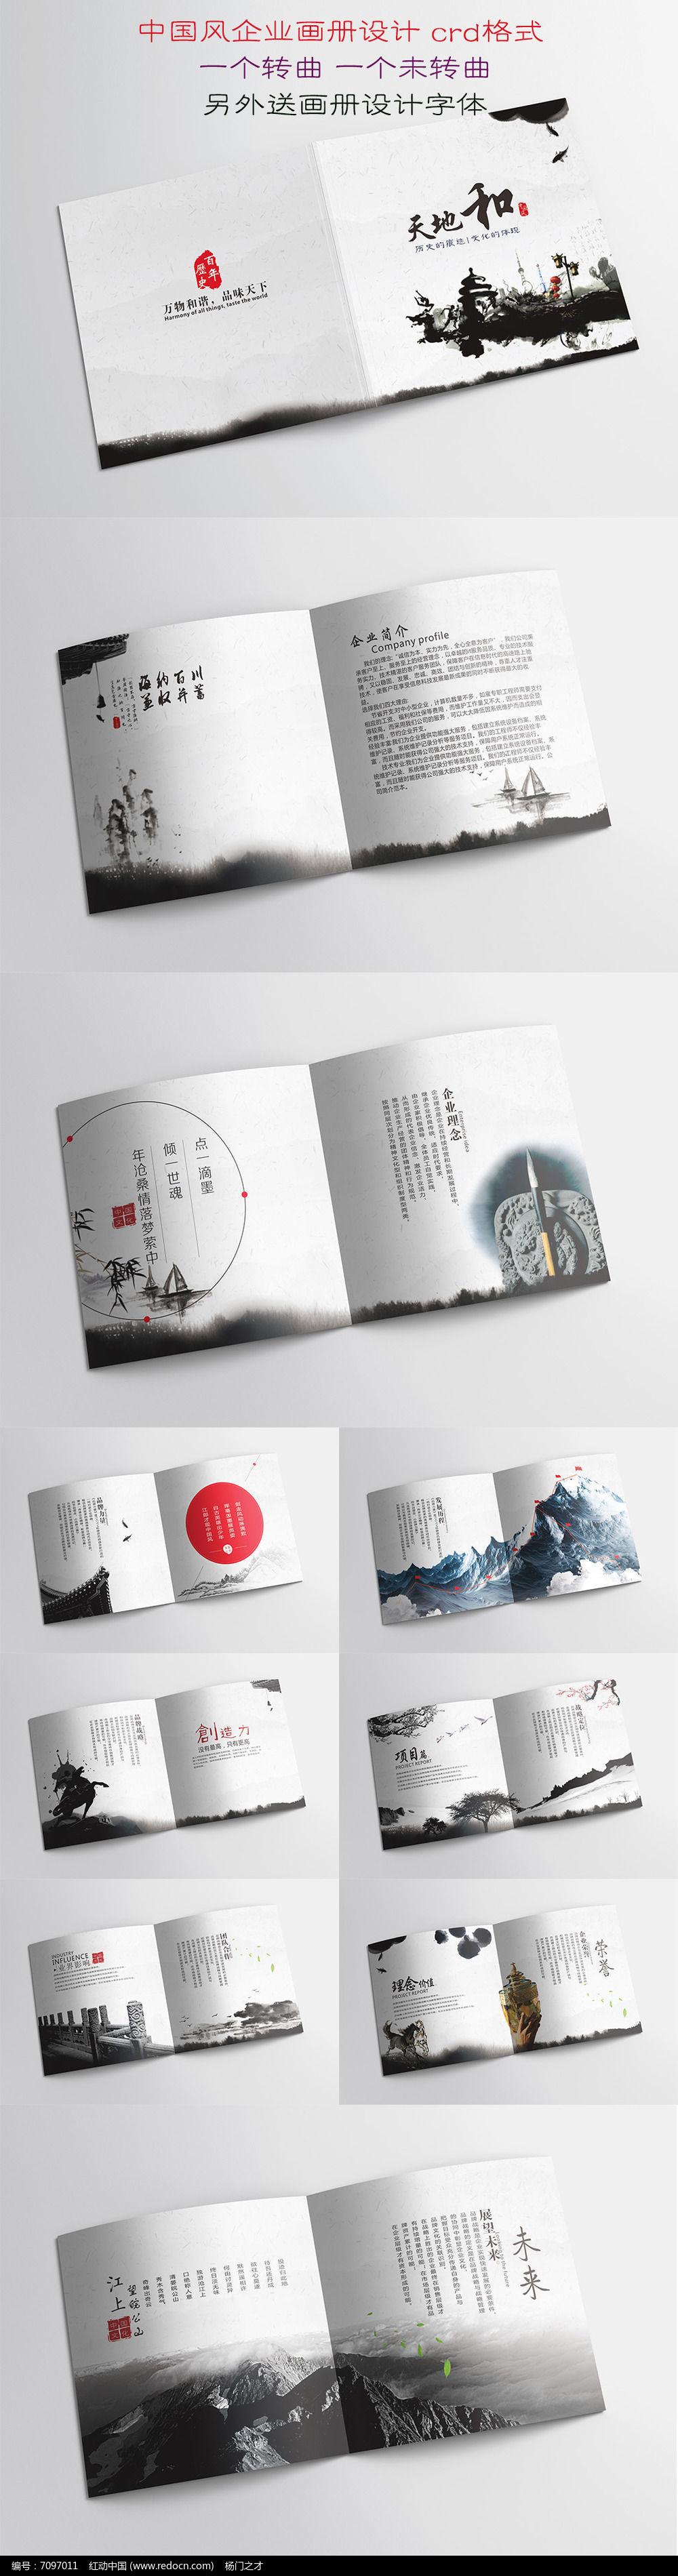 公司企业大气简洁水墨中国风画册版式设计图片